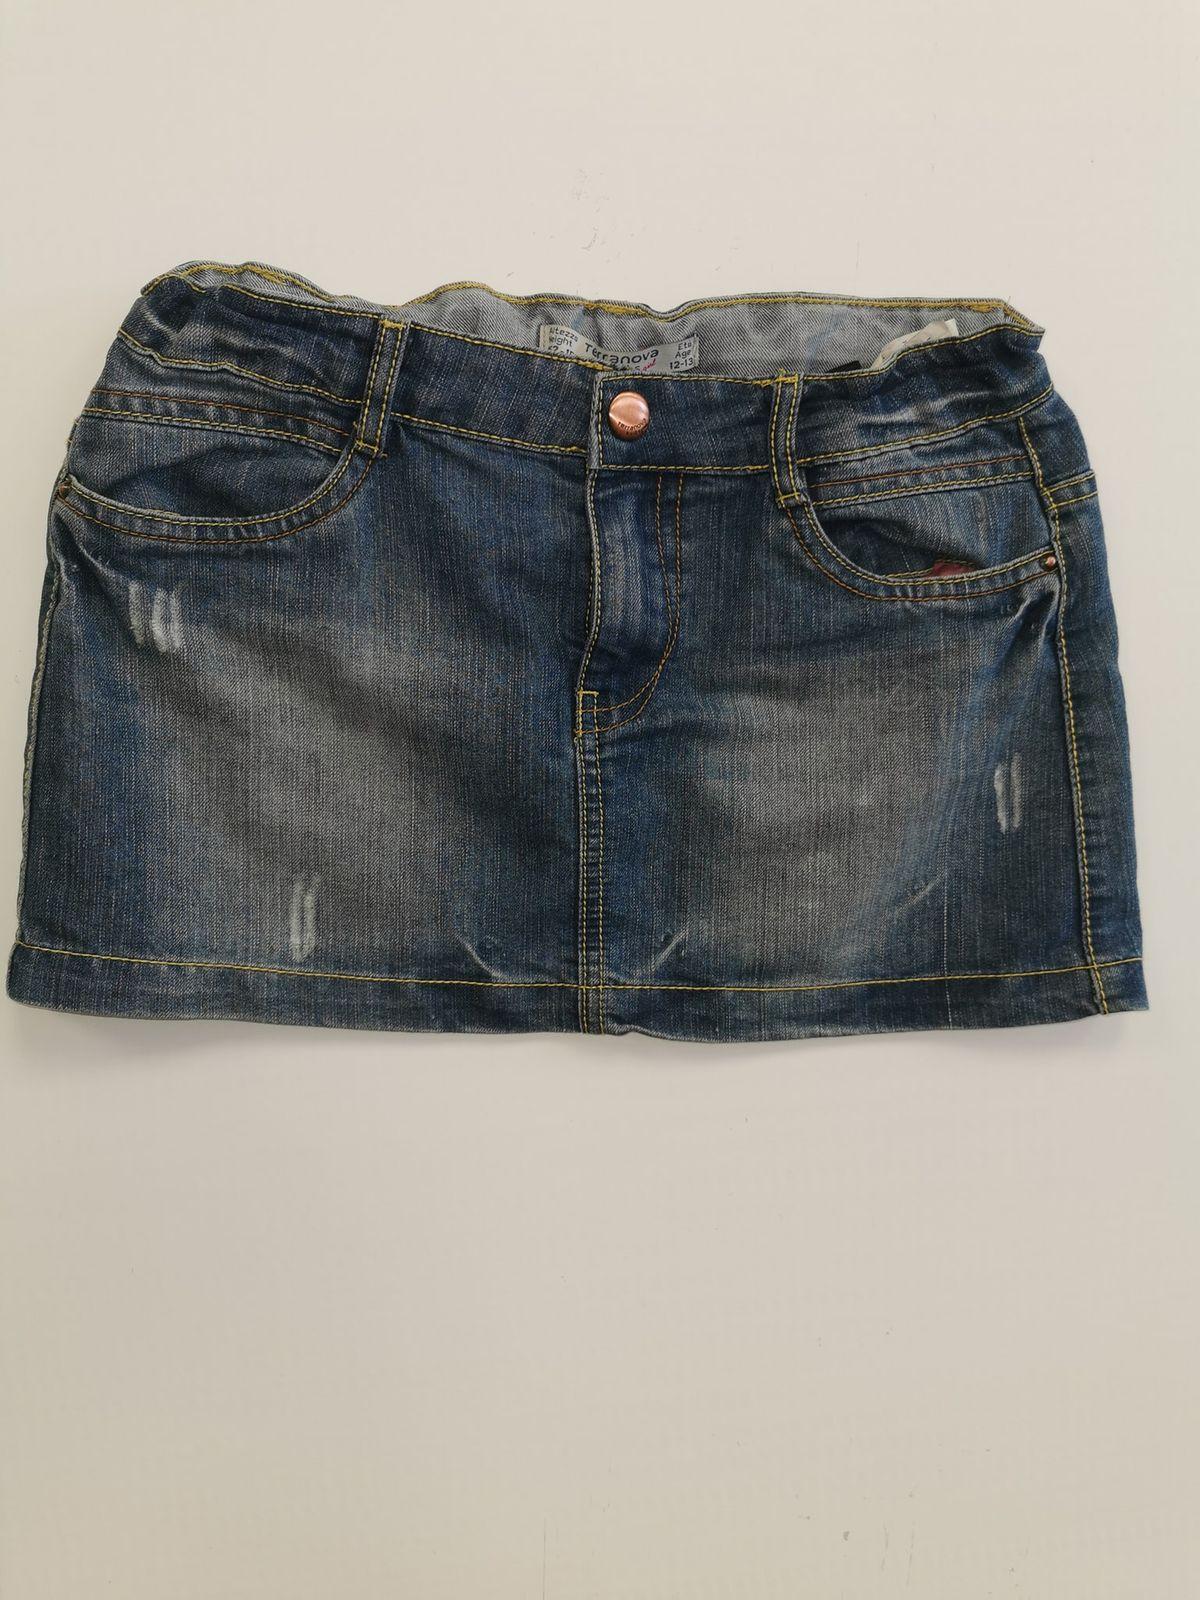 13299. Terranova gonna jeans 12 anni Euro 7,90